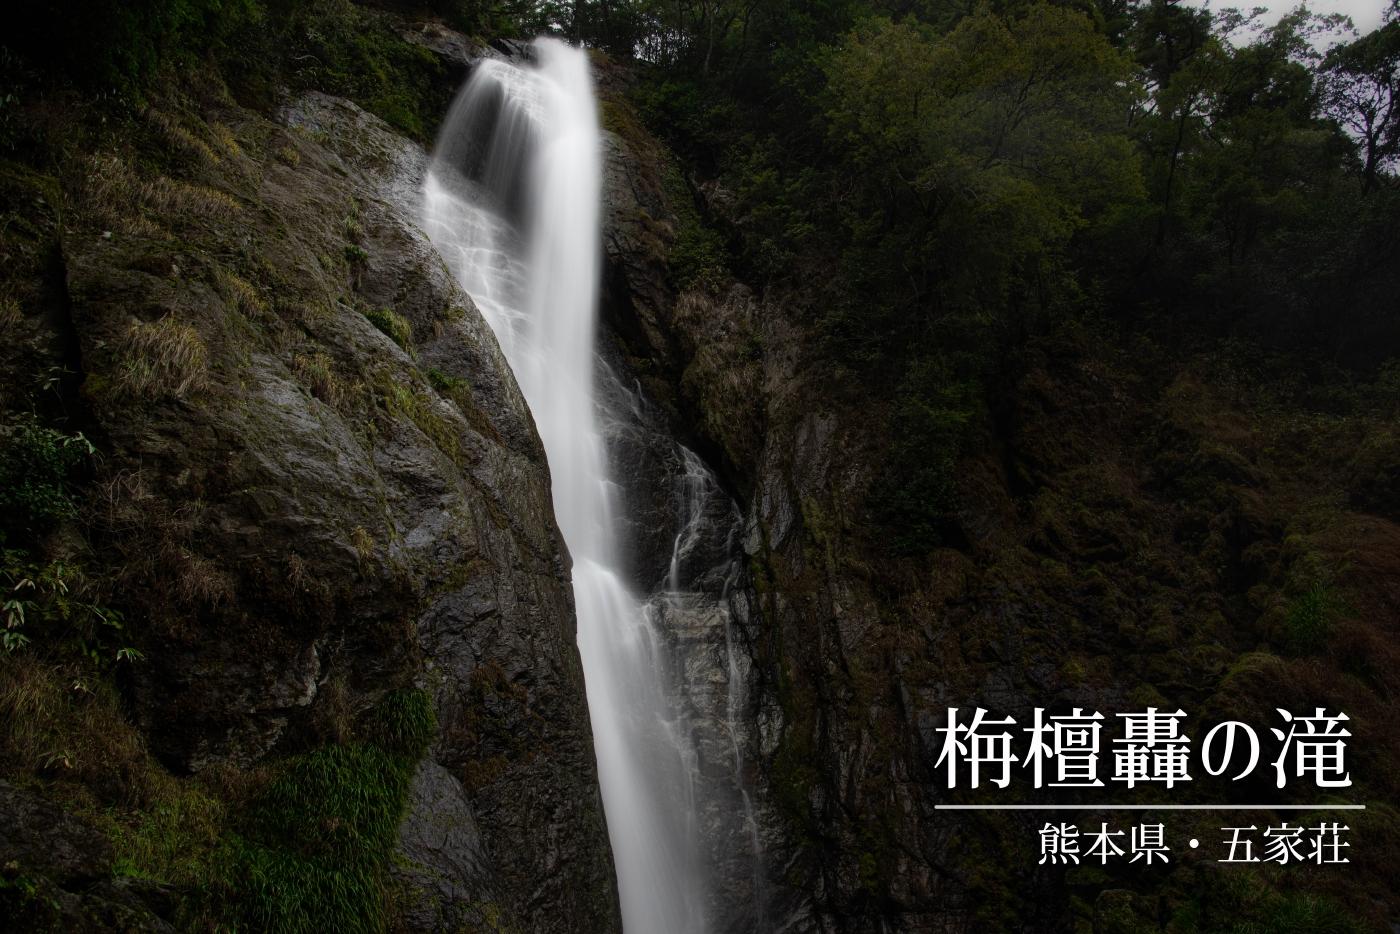 栴檀轟の滝 ~熊本県・八代市~